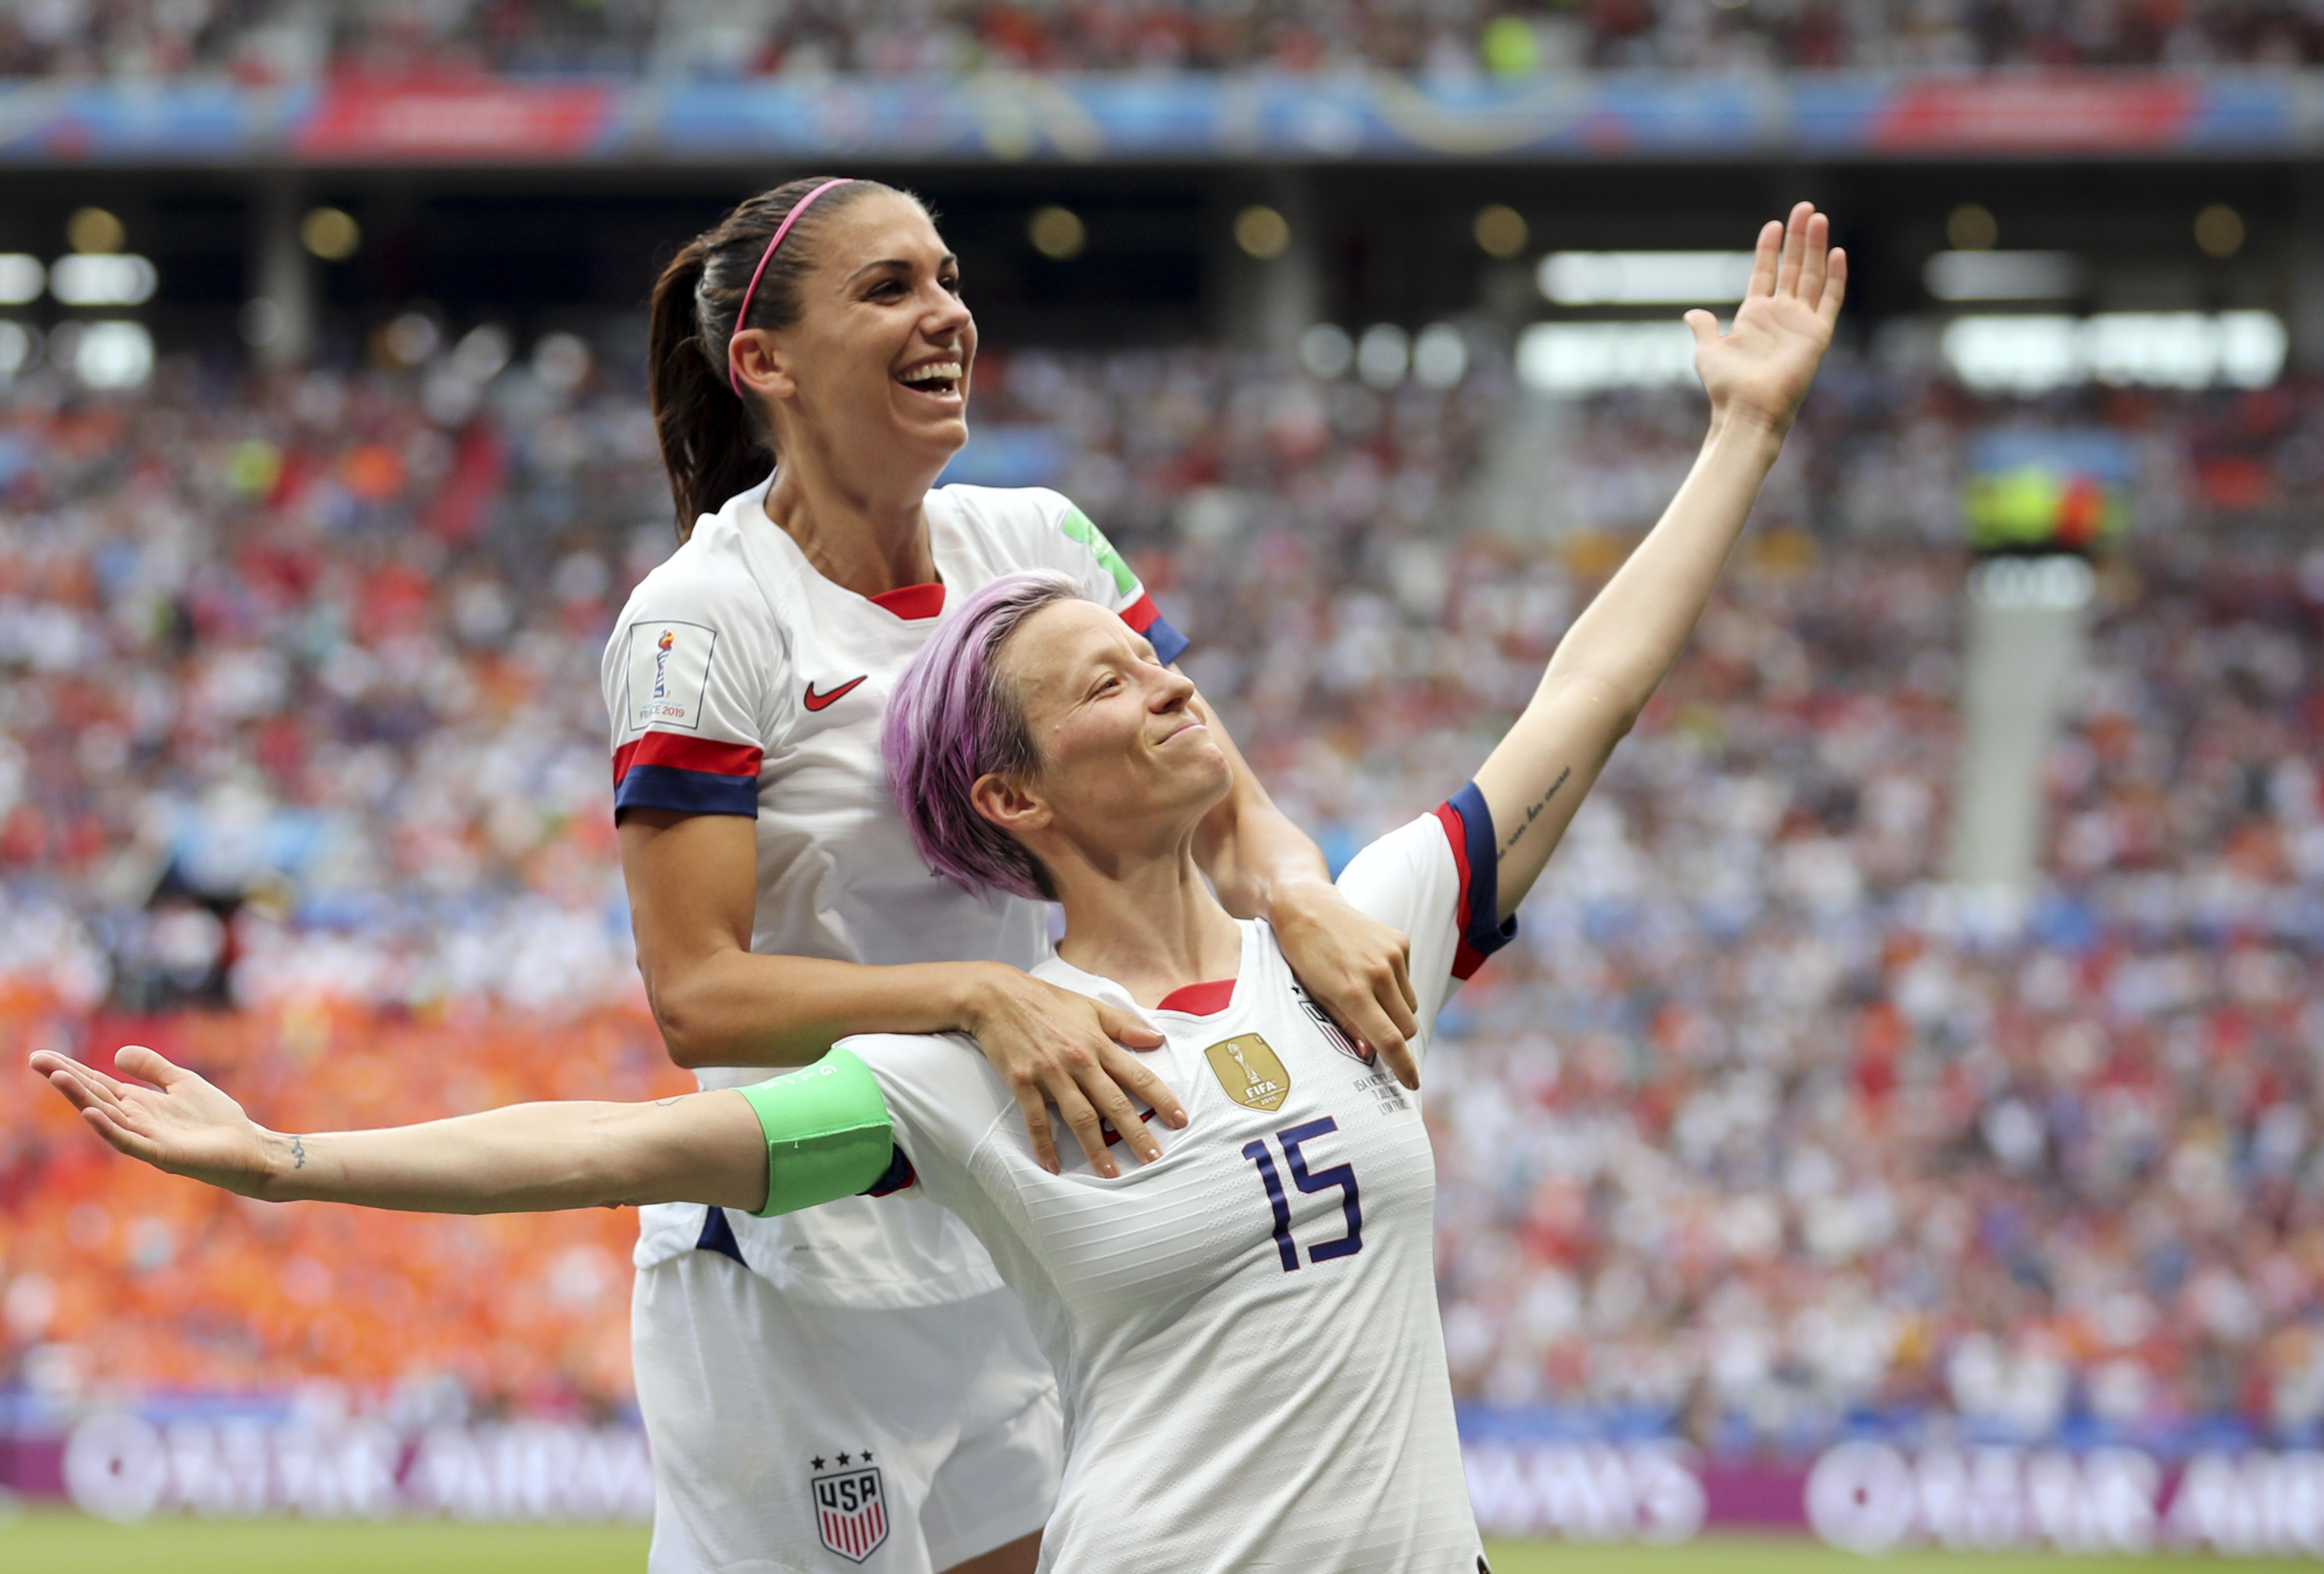 Megan Rapinoe (15) festeja con Alex Morgan tras anotar el primer gol de Estados Unidos en la victoria 2-0 ante Holanda en la final de la Copa Mundial femenina en Lyon, Francia, el domingo 7 de julio de 2019. (AP Foto/Francisco Seco)